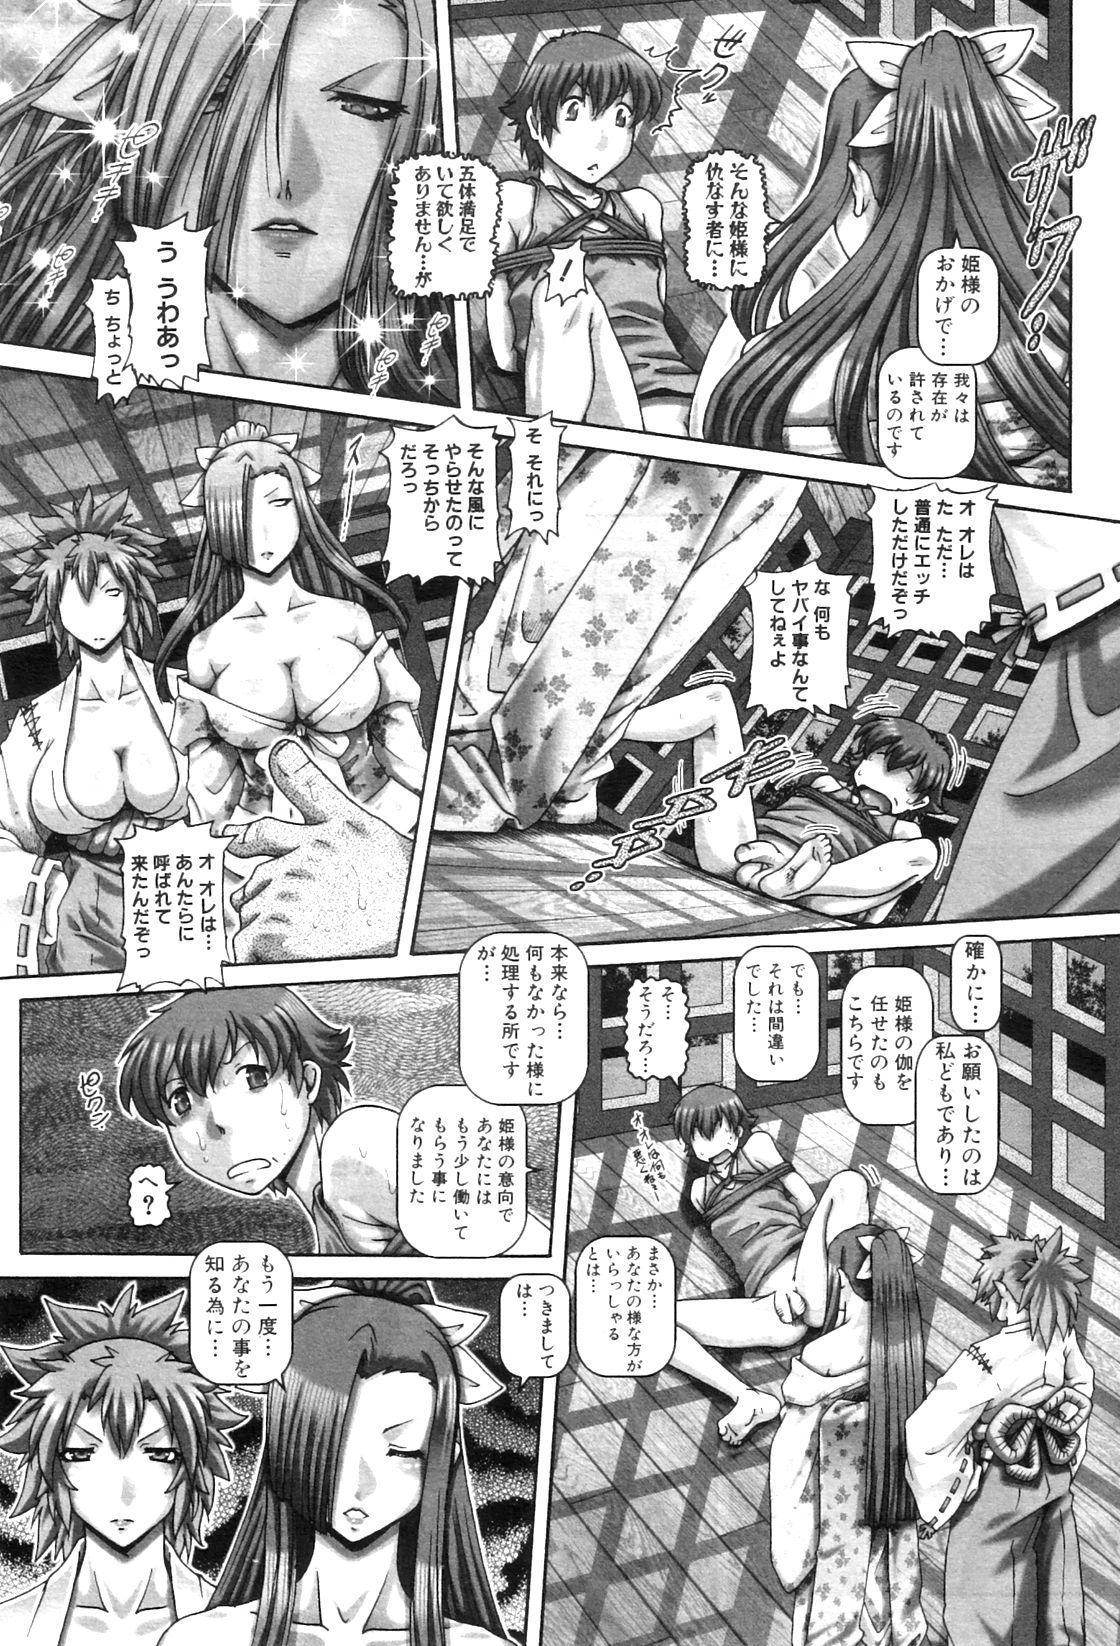 Ayakashiyakata no Tamahime 32